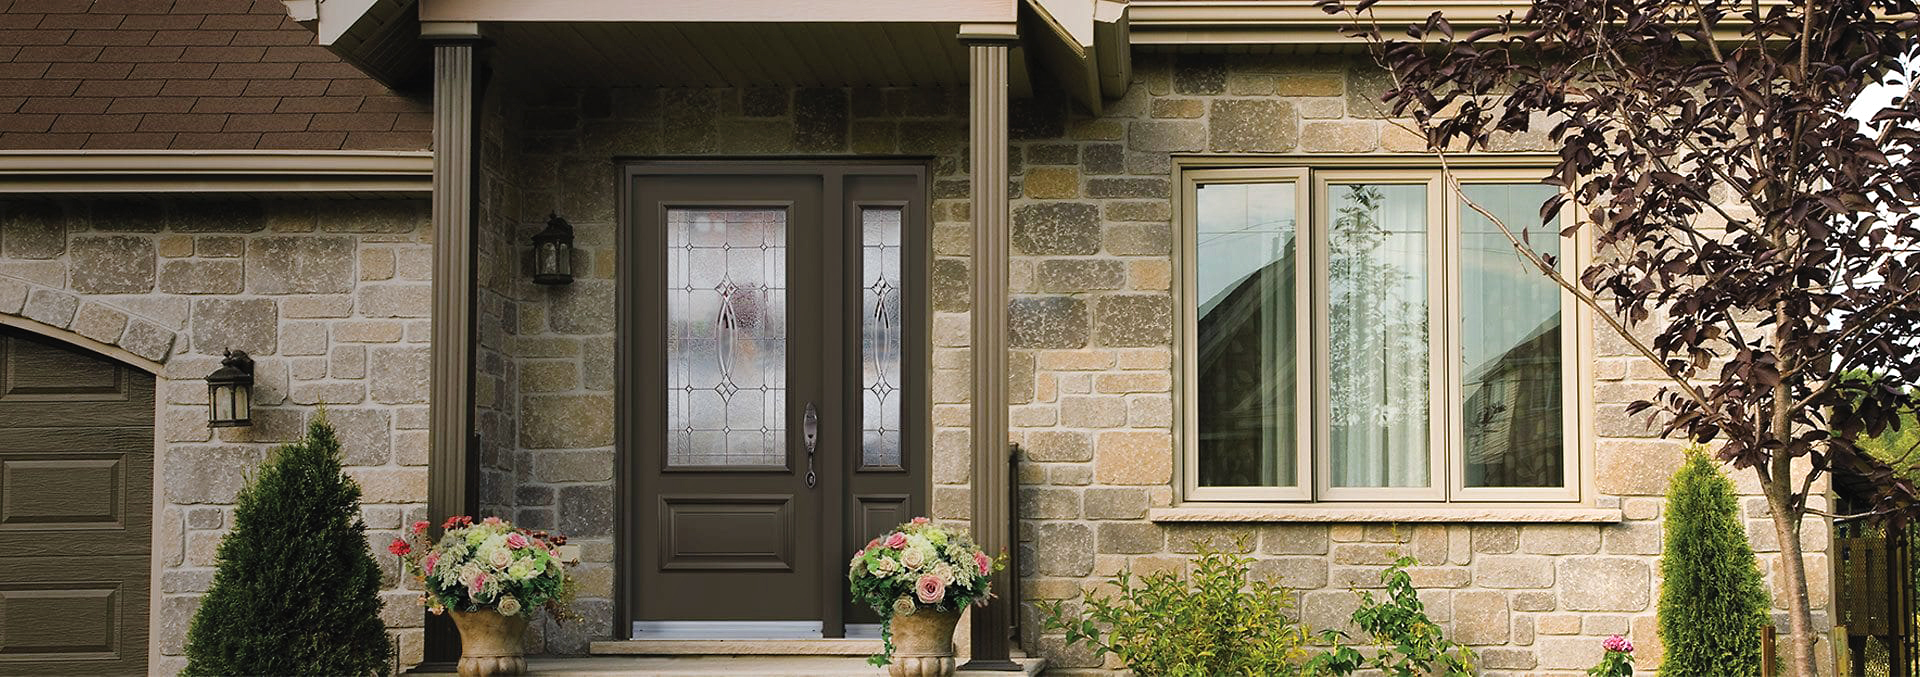 PVC window in home